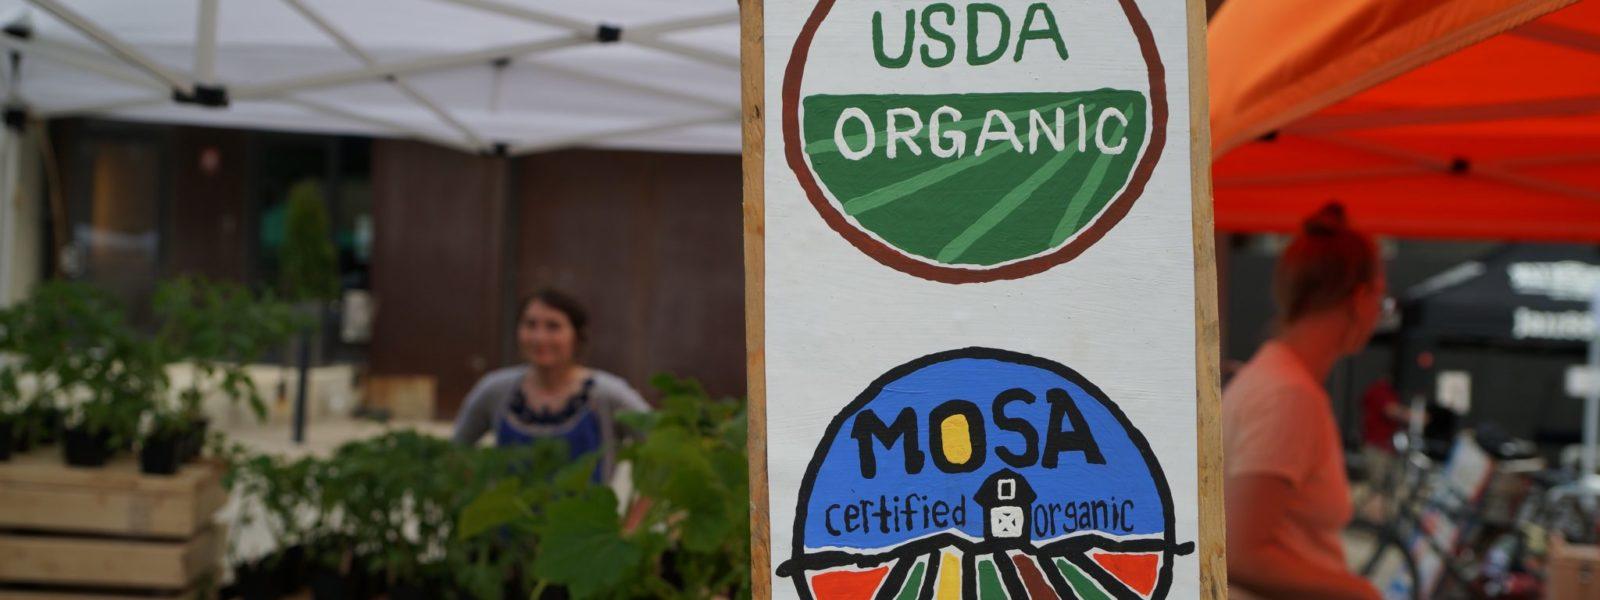 Sustainability Statement USDA Organic Sign